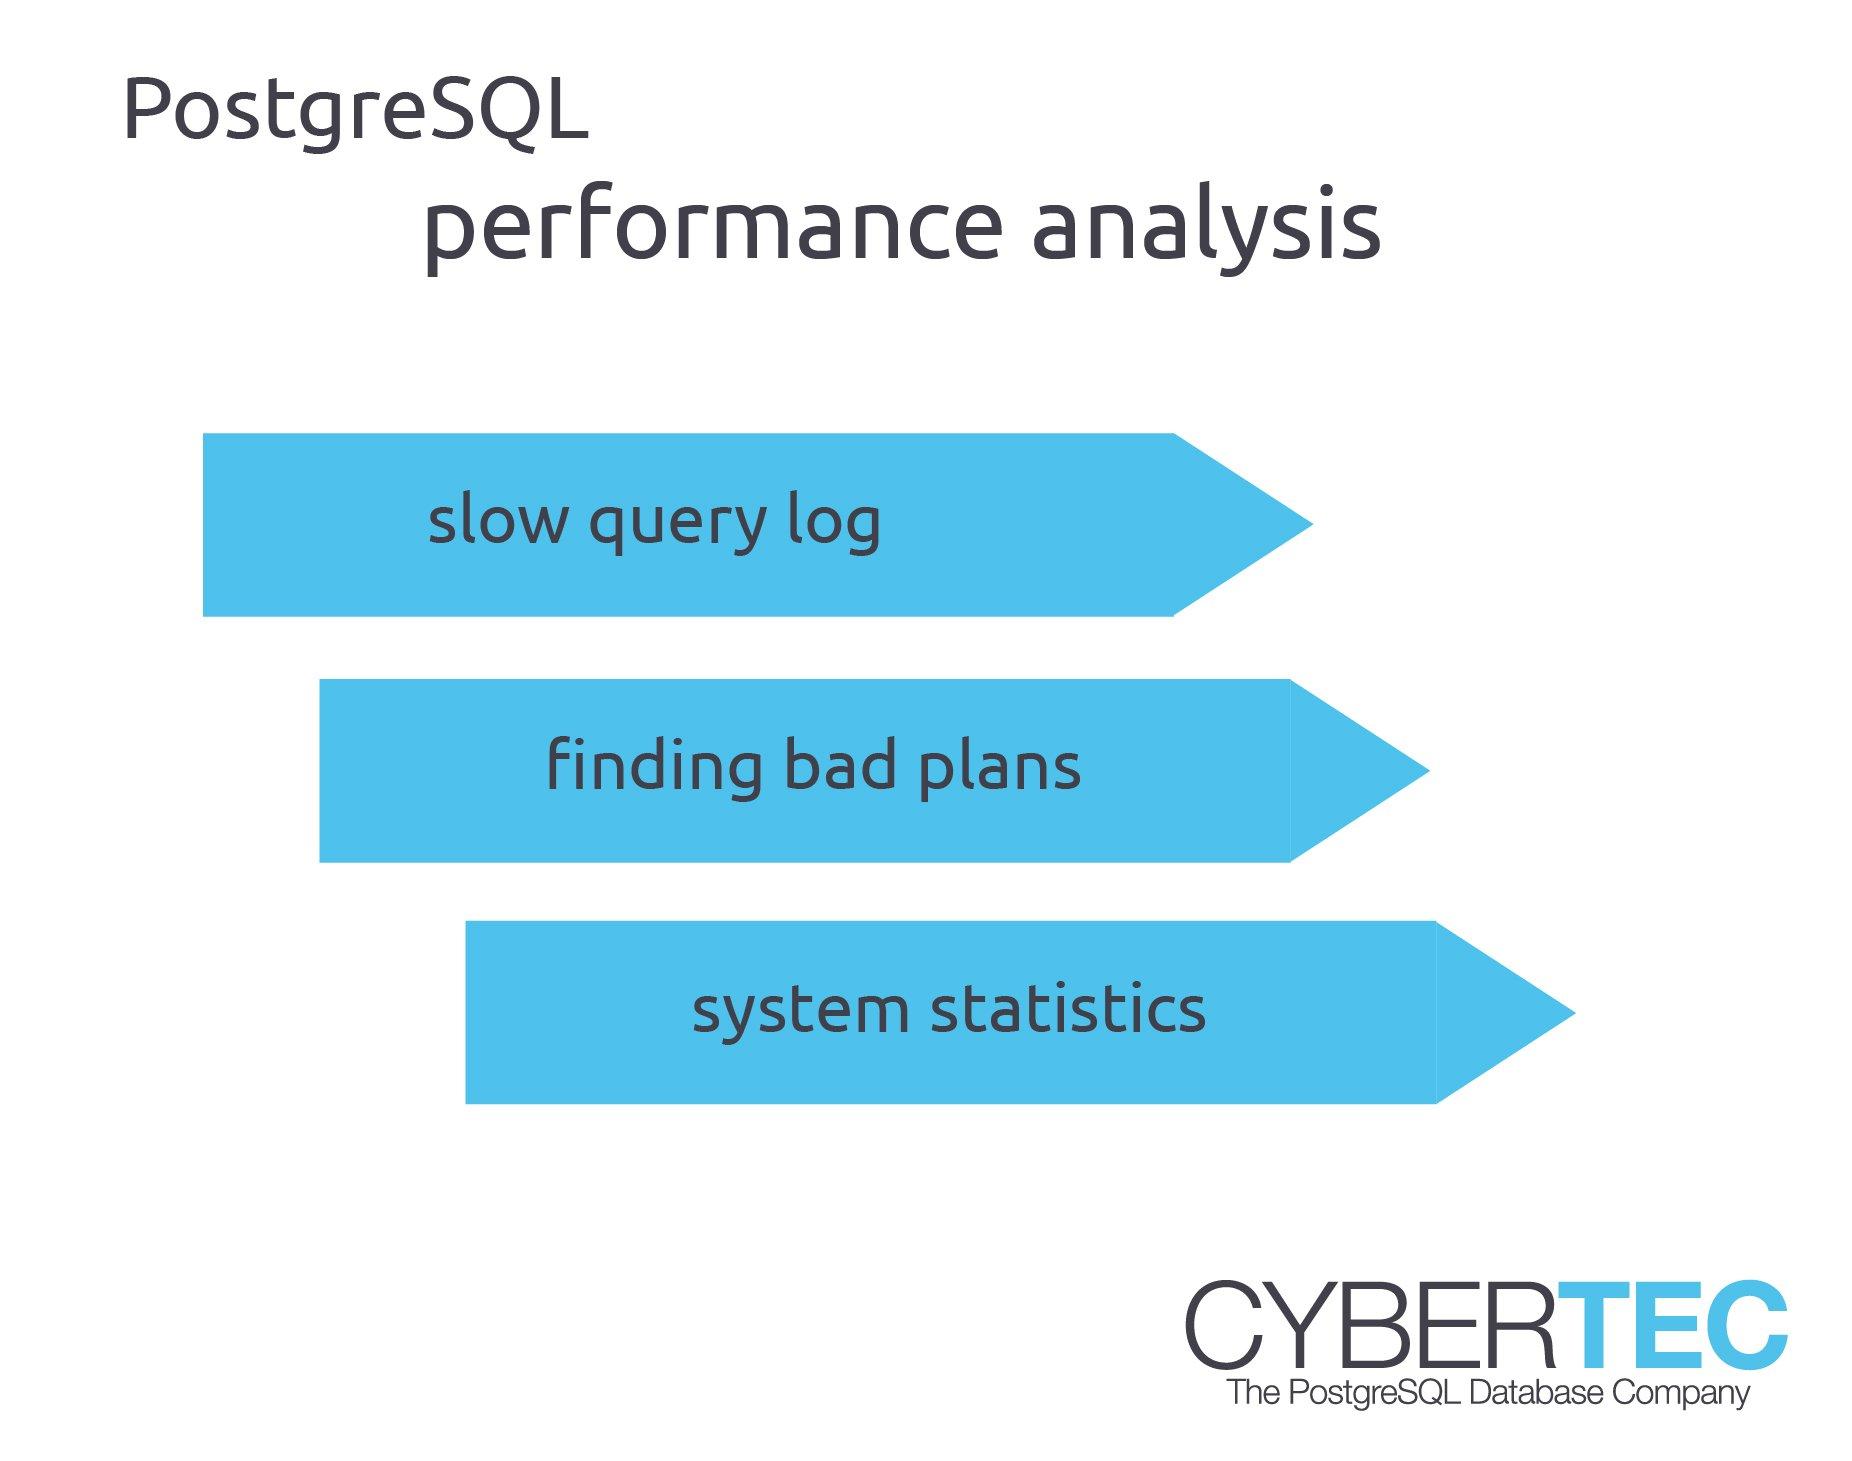 3 ways to detect slow queries in PostgreSQL - Cybertec